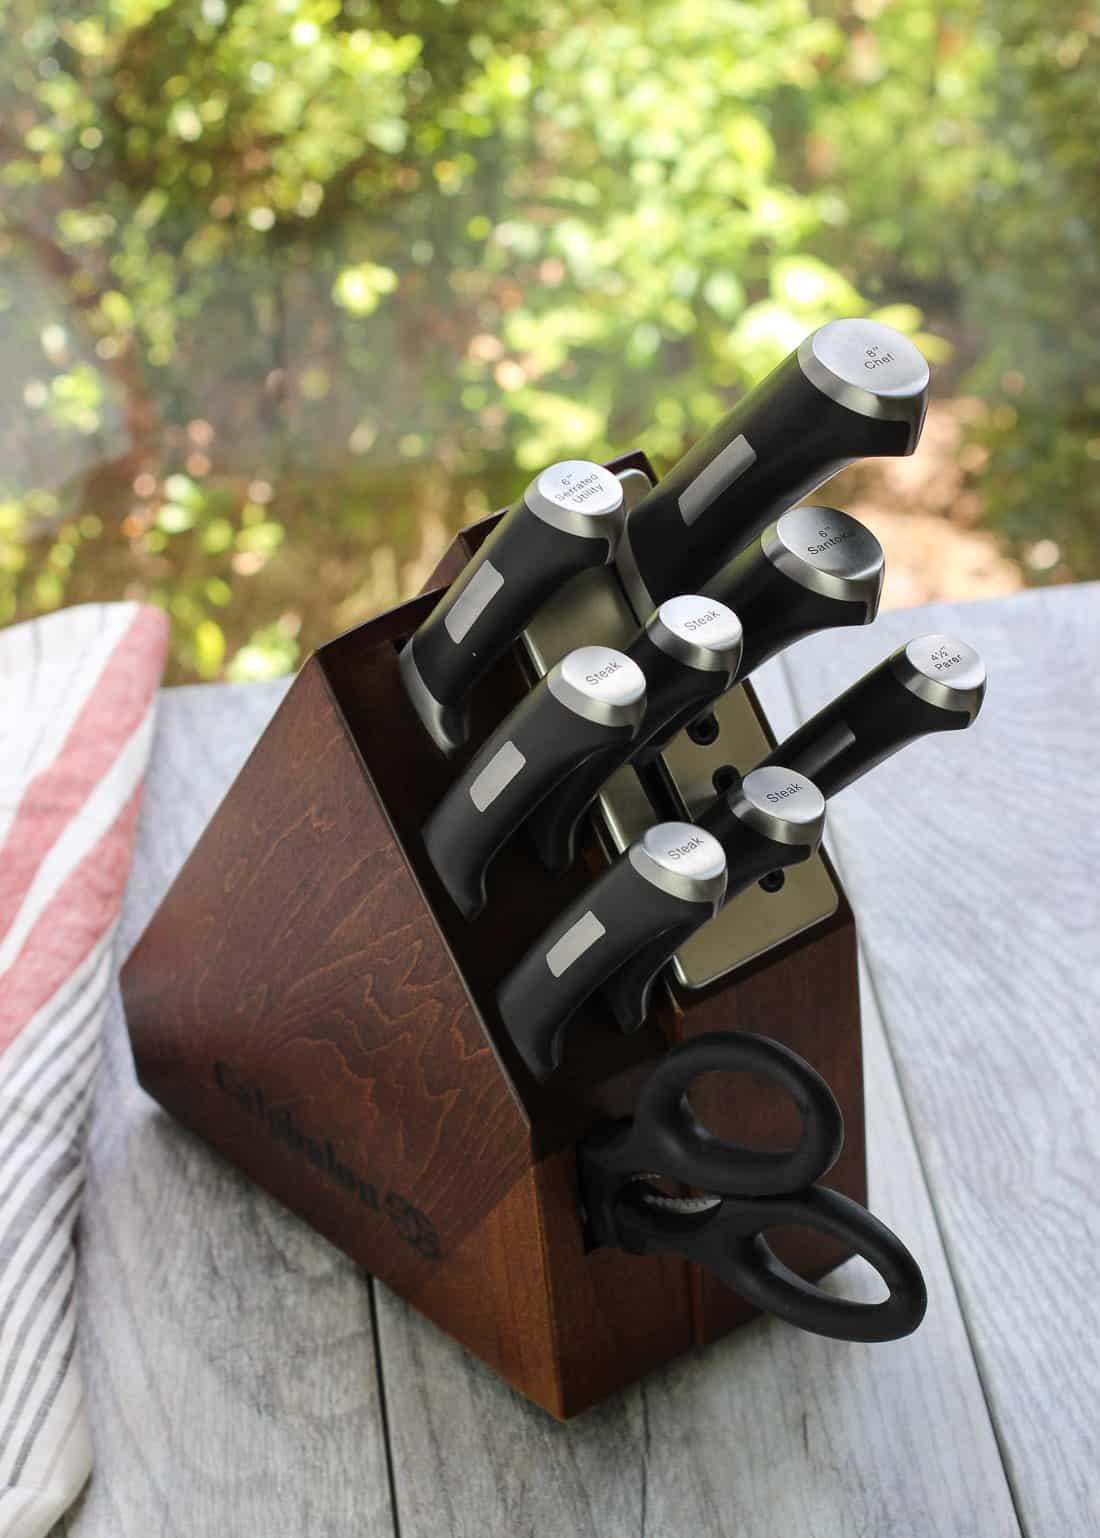 A wooden knife block set from Calphalon